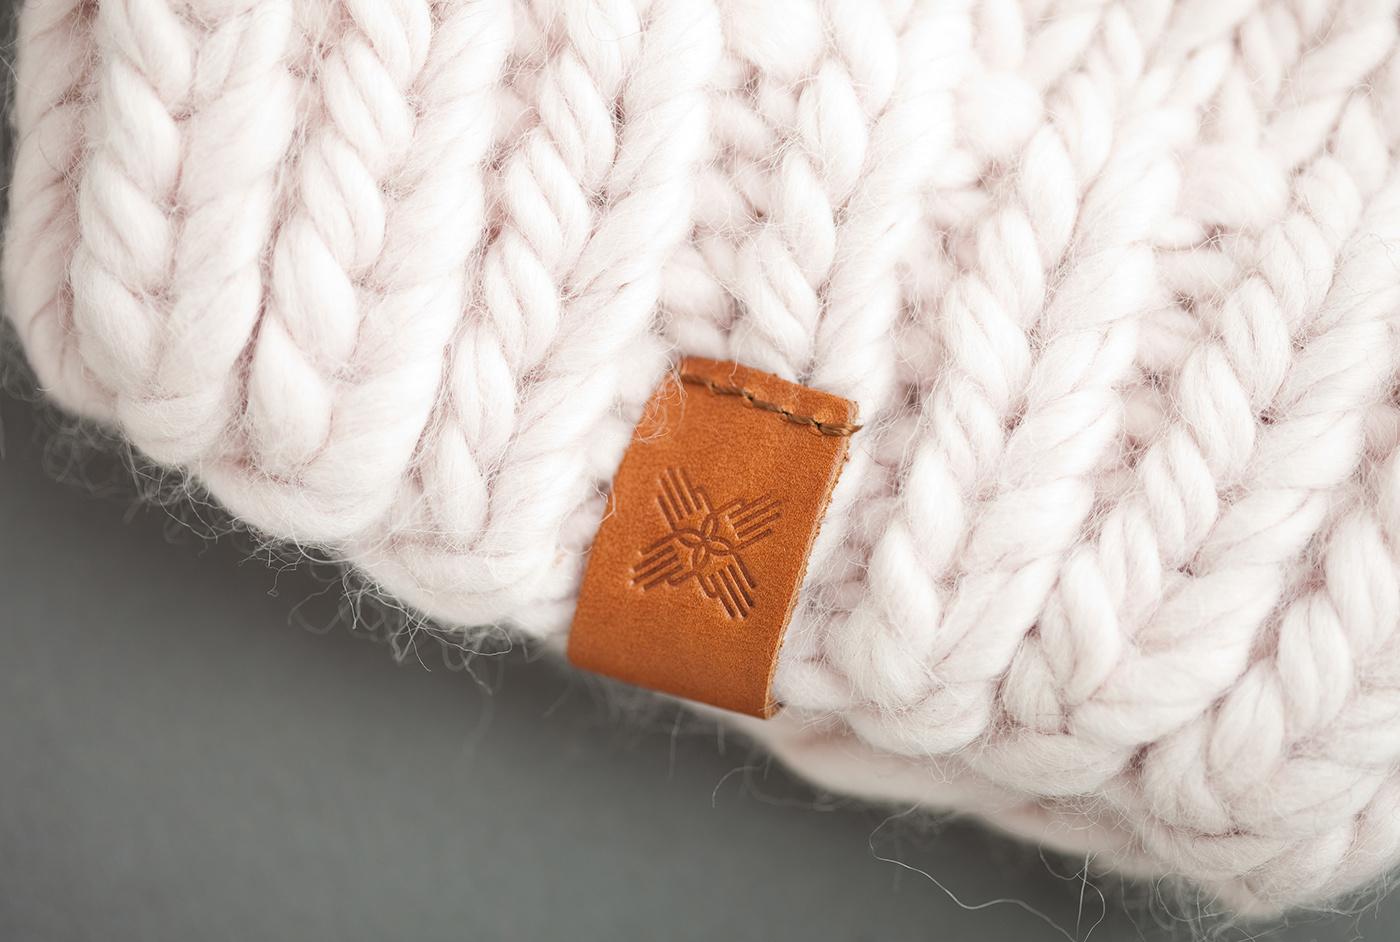 Sien+Co手工针织服饰品牌 欣赏-第20张